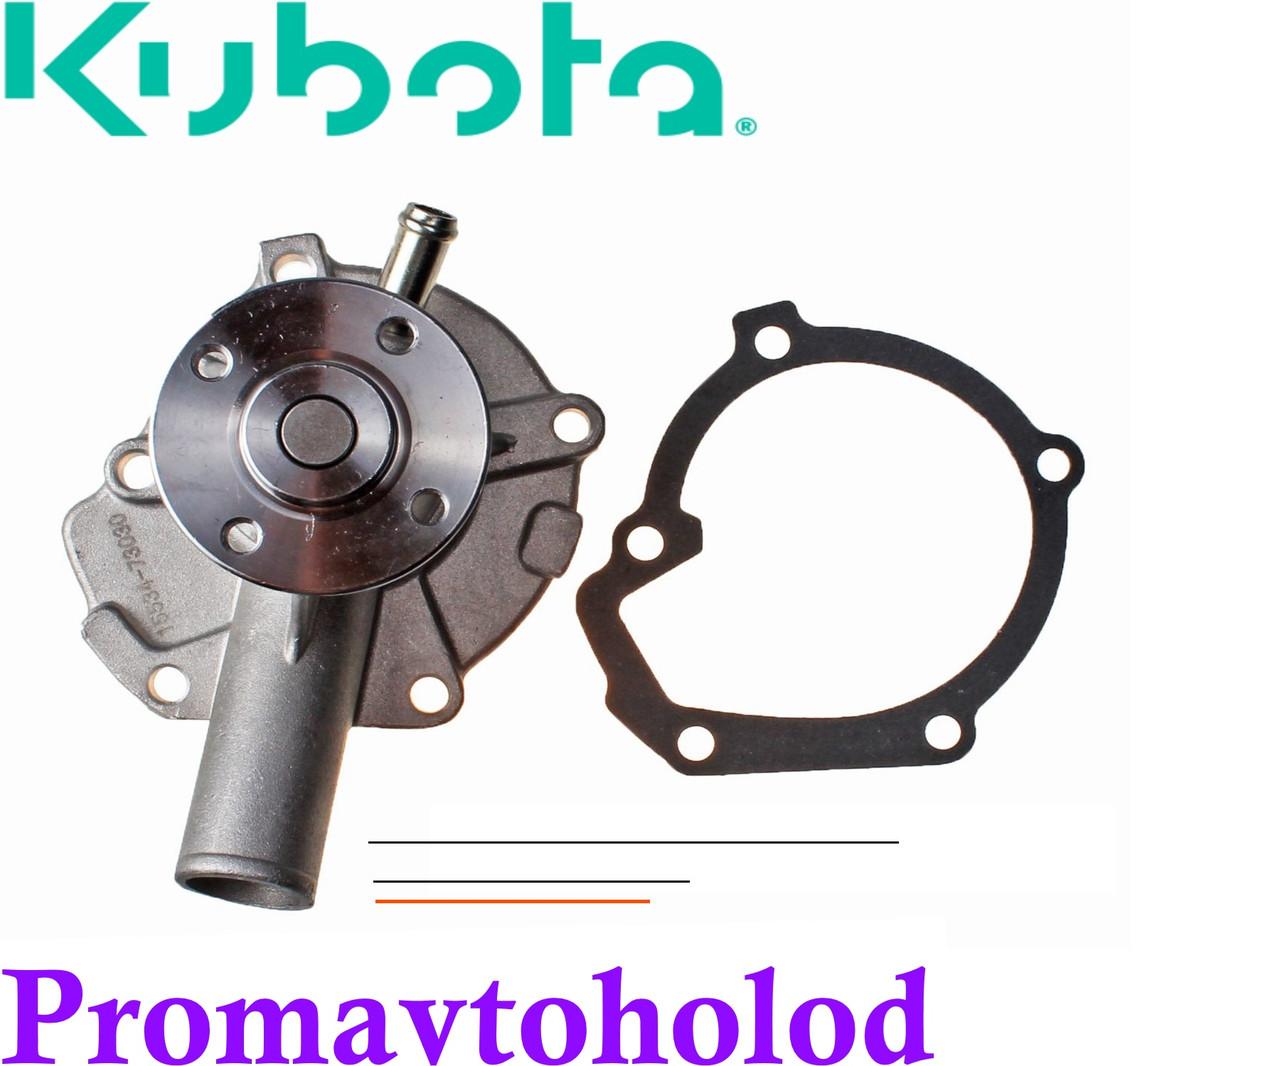 25-36670-00 // Водяной насос Kubota D750 ℗